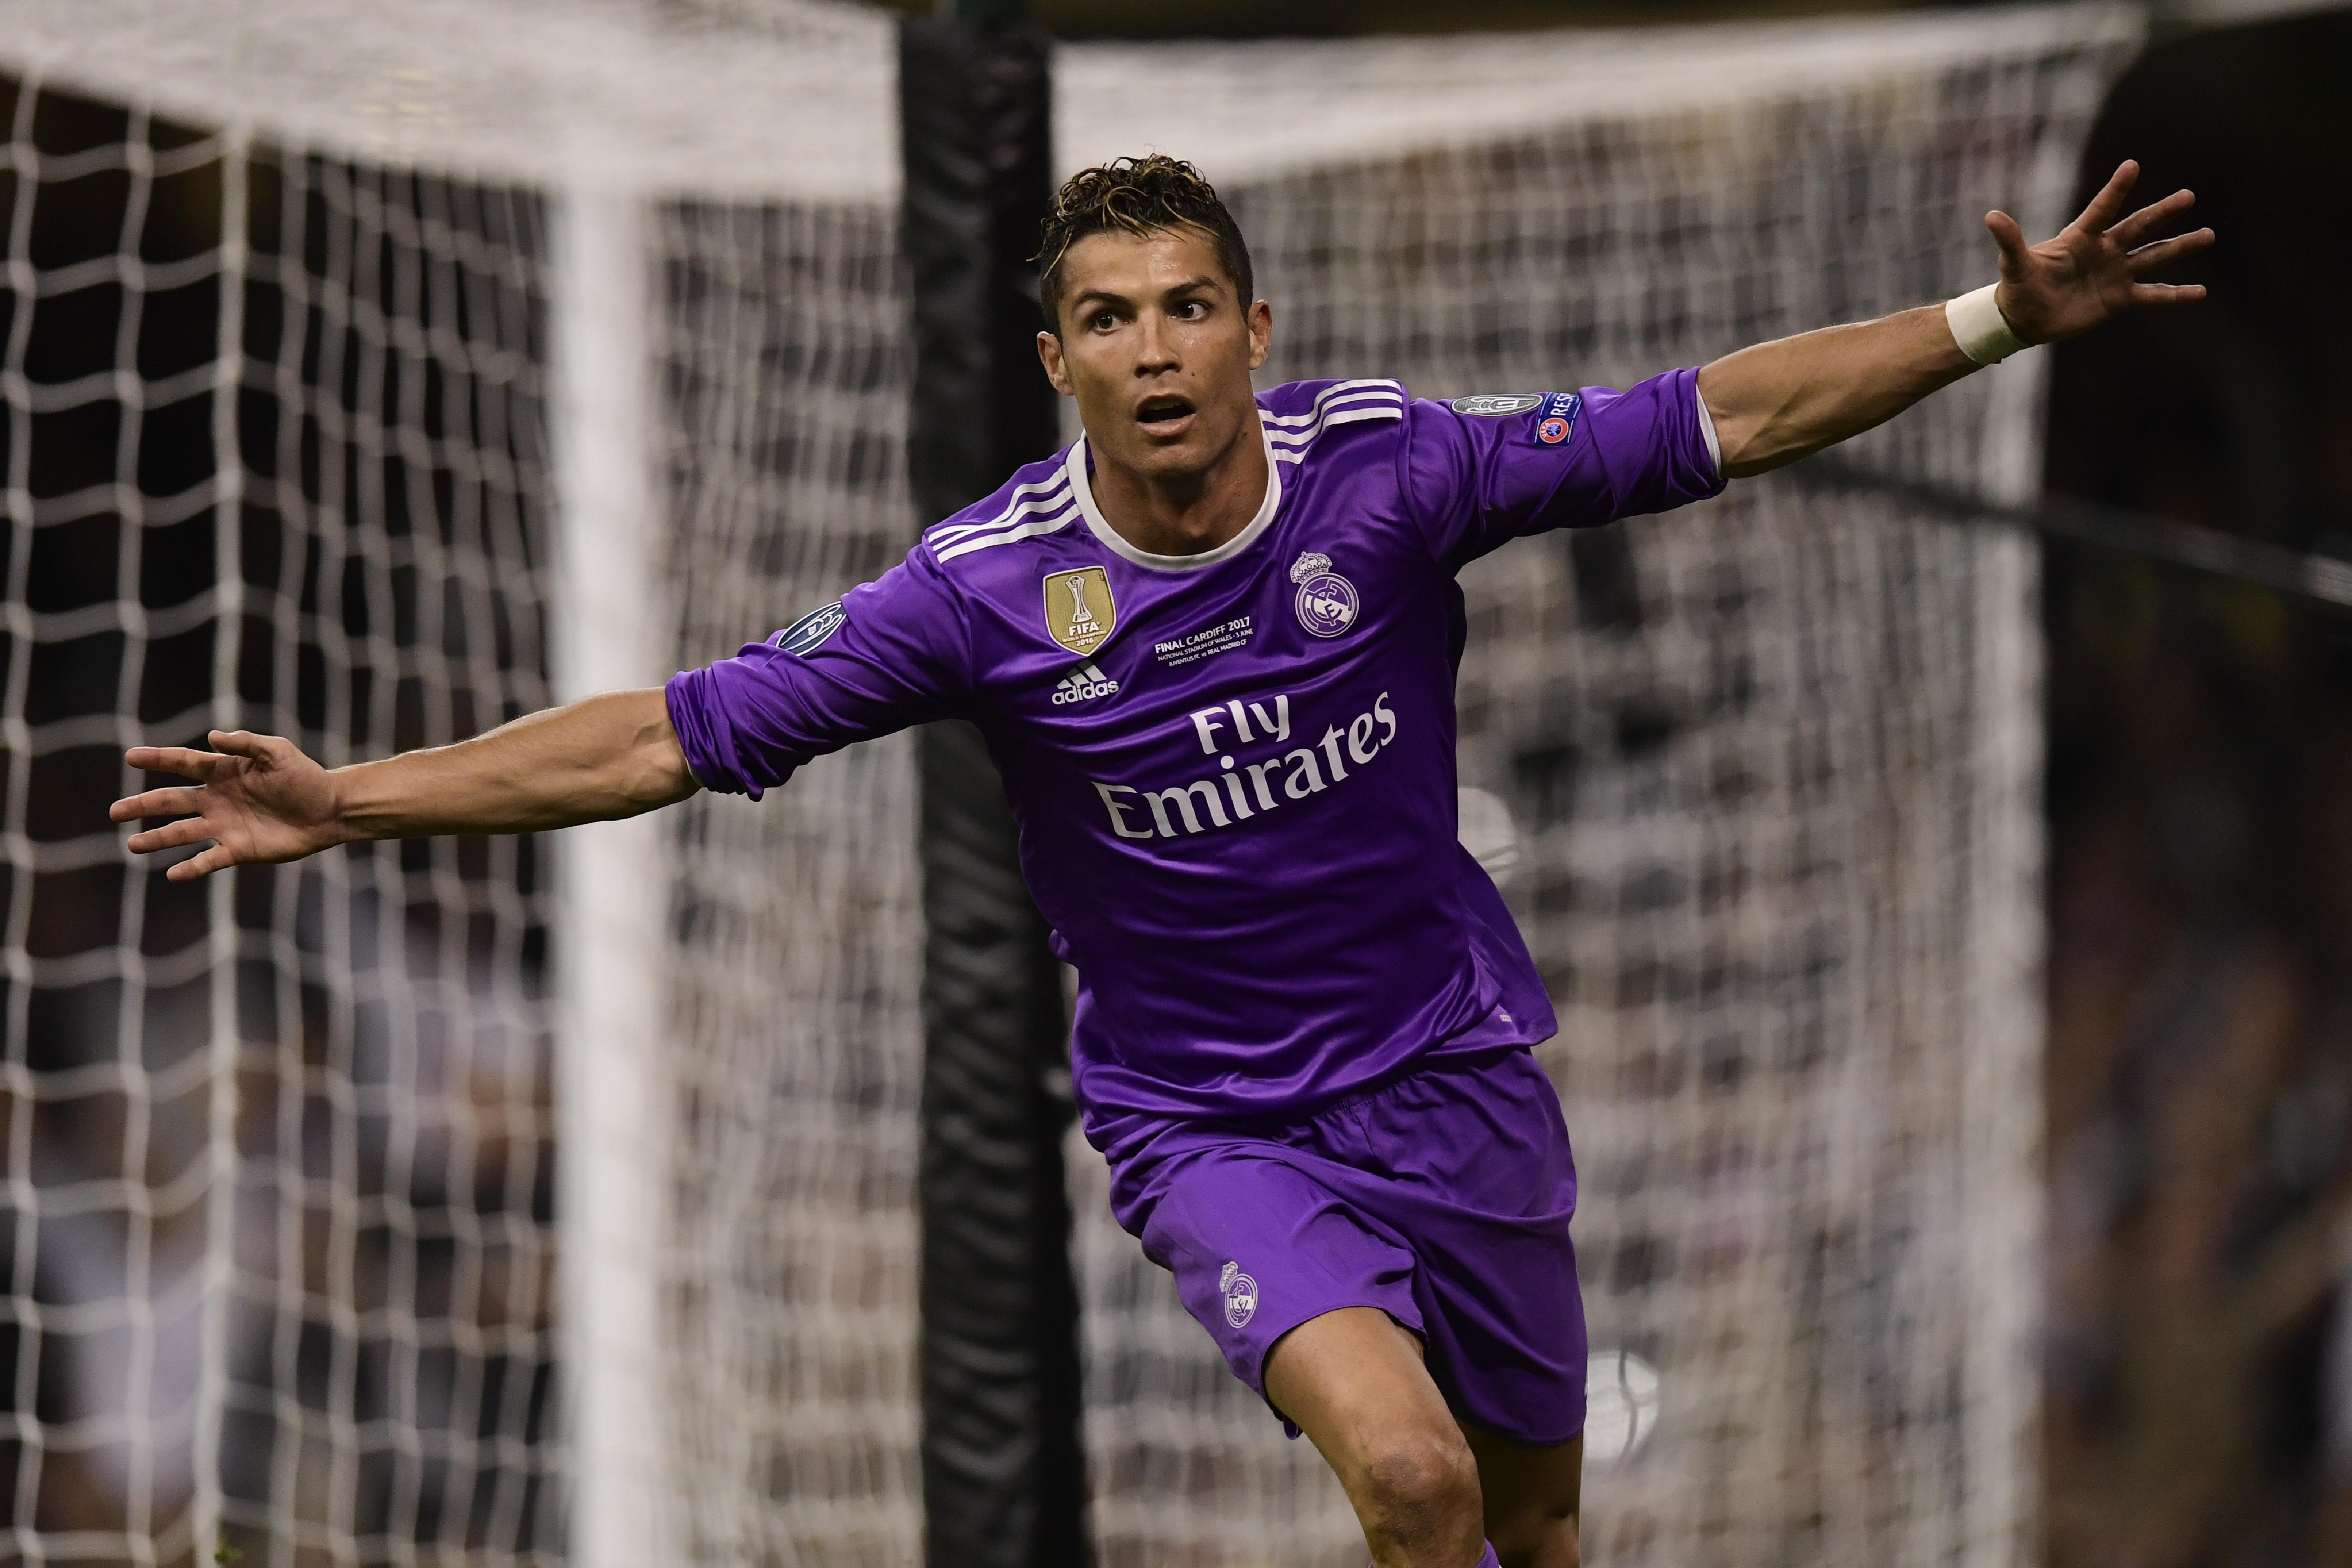 A Real lelépte a Juventust, a Madrid BL-történelem első címvédője